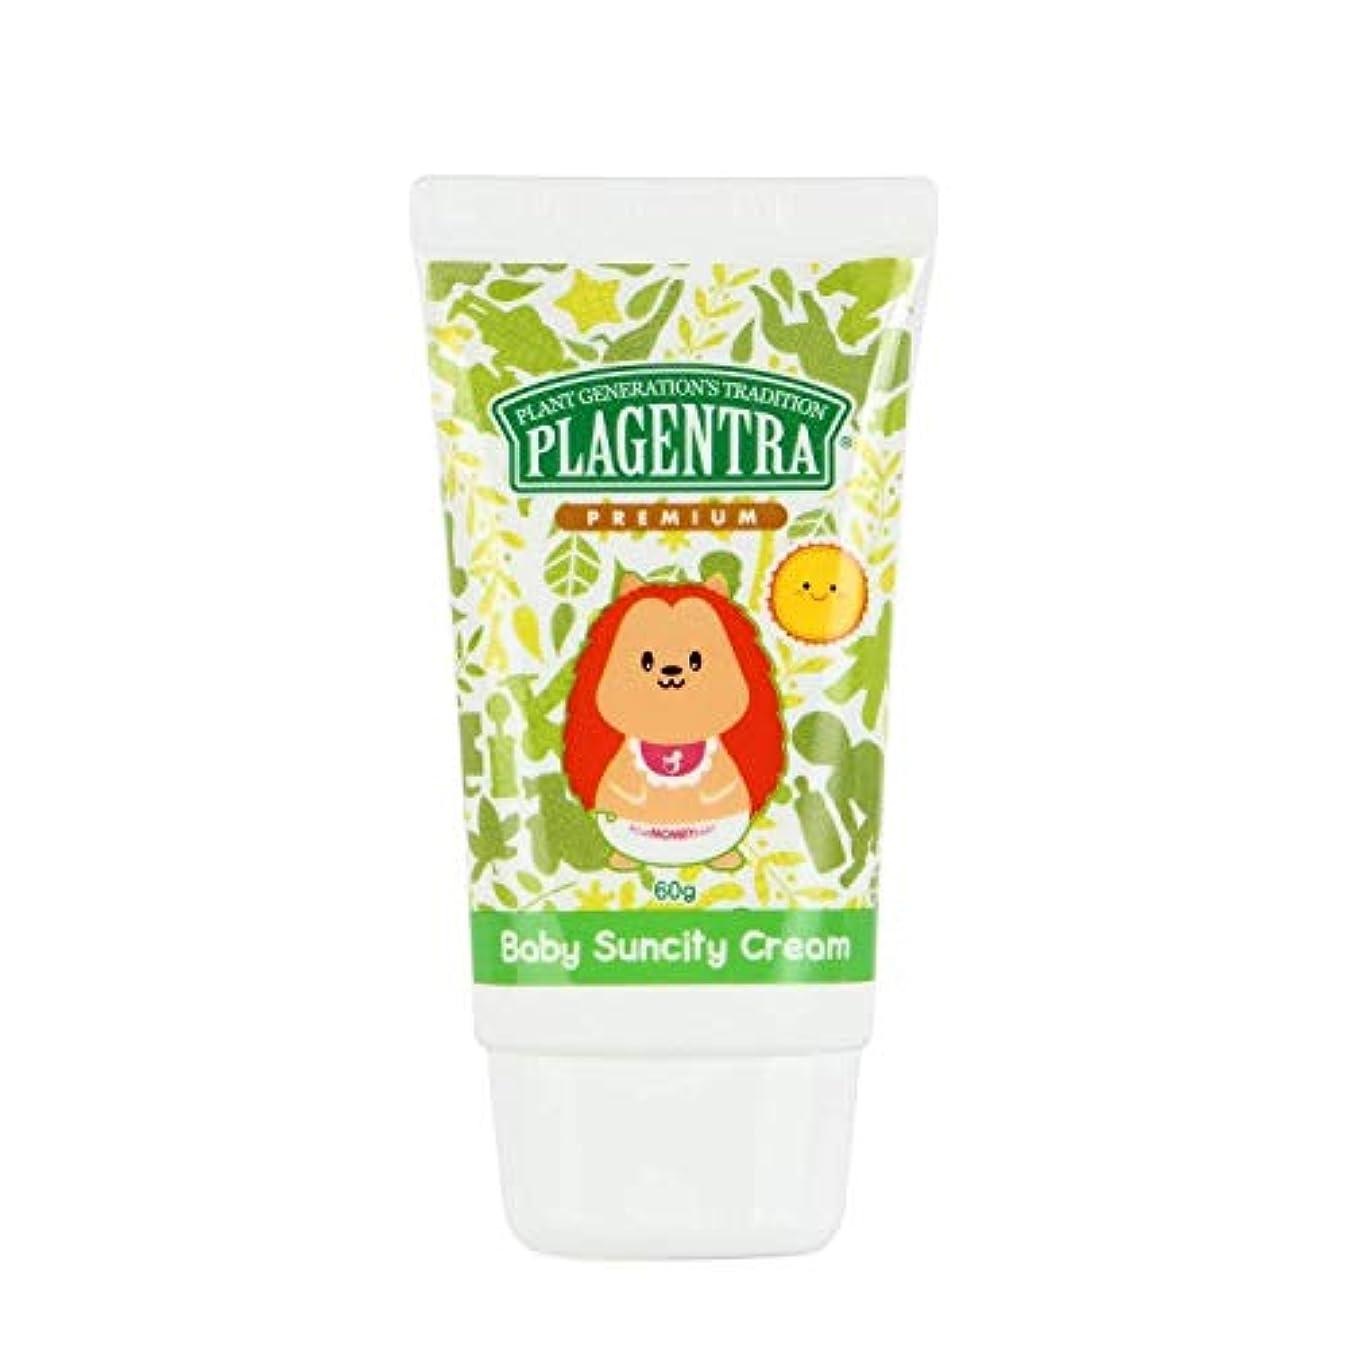 憂鬱な袋友情[ PLAGENTRA ] Baby Suncity Cream (60g) Natural Sunscreen 韓国 日焼け止め